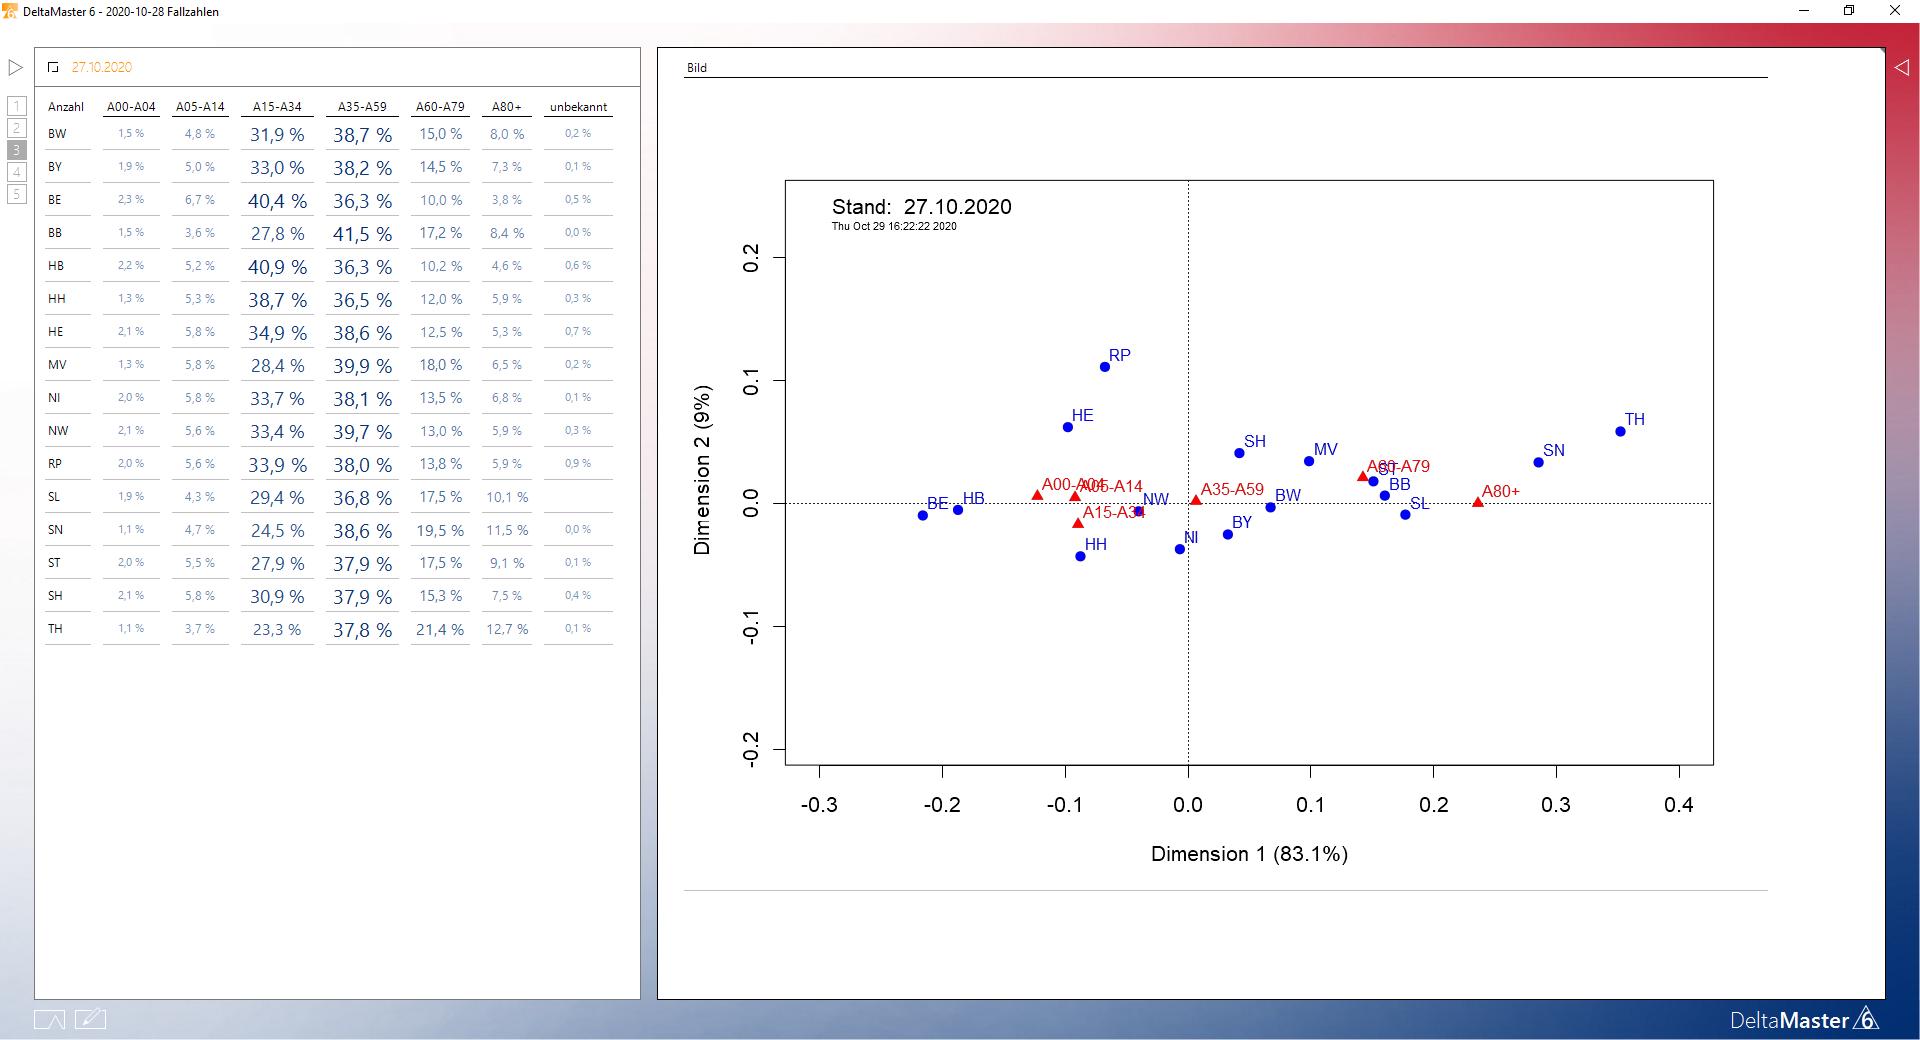 Das grafische Ergebnis der Korrespondenzanalyse wird im SQL-Durchgriff angezeigt.